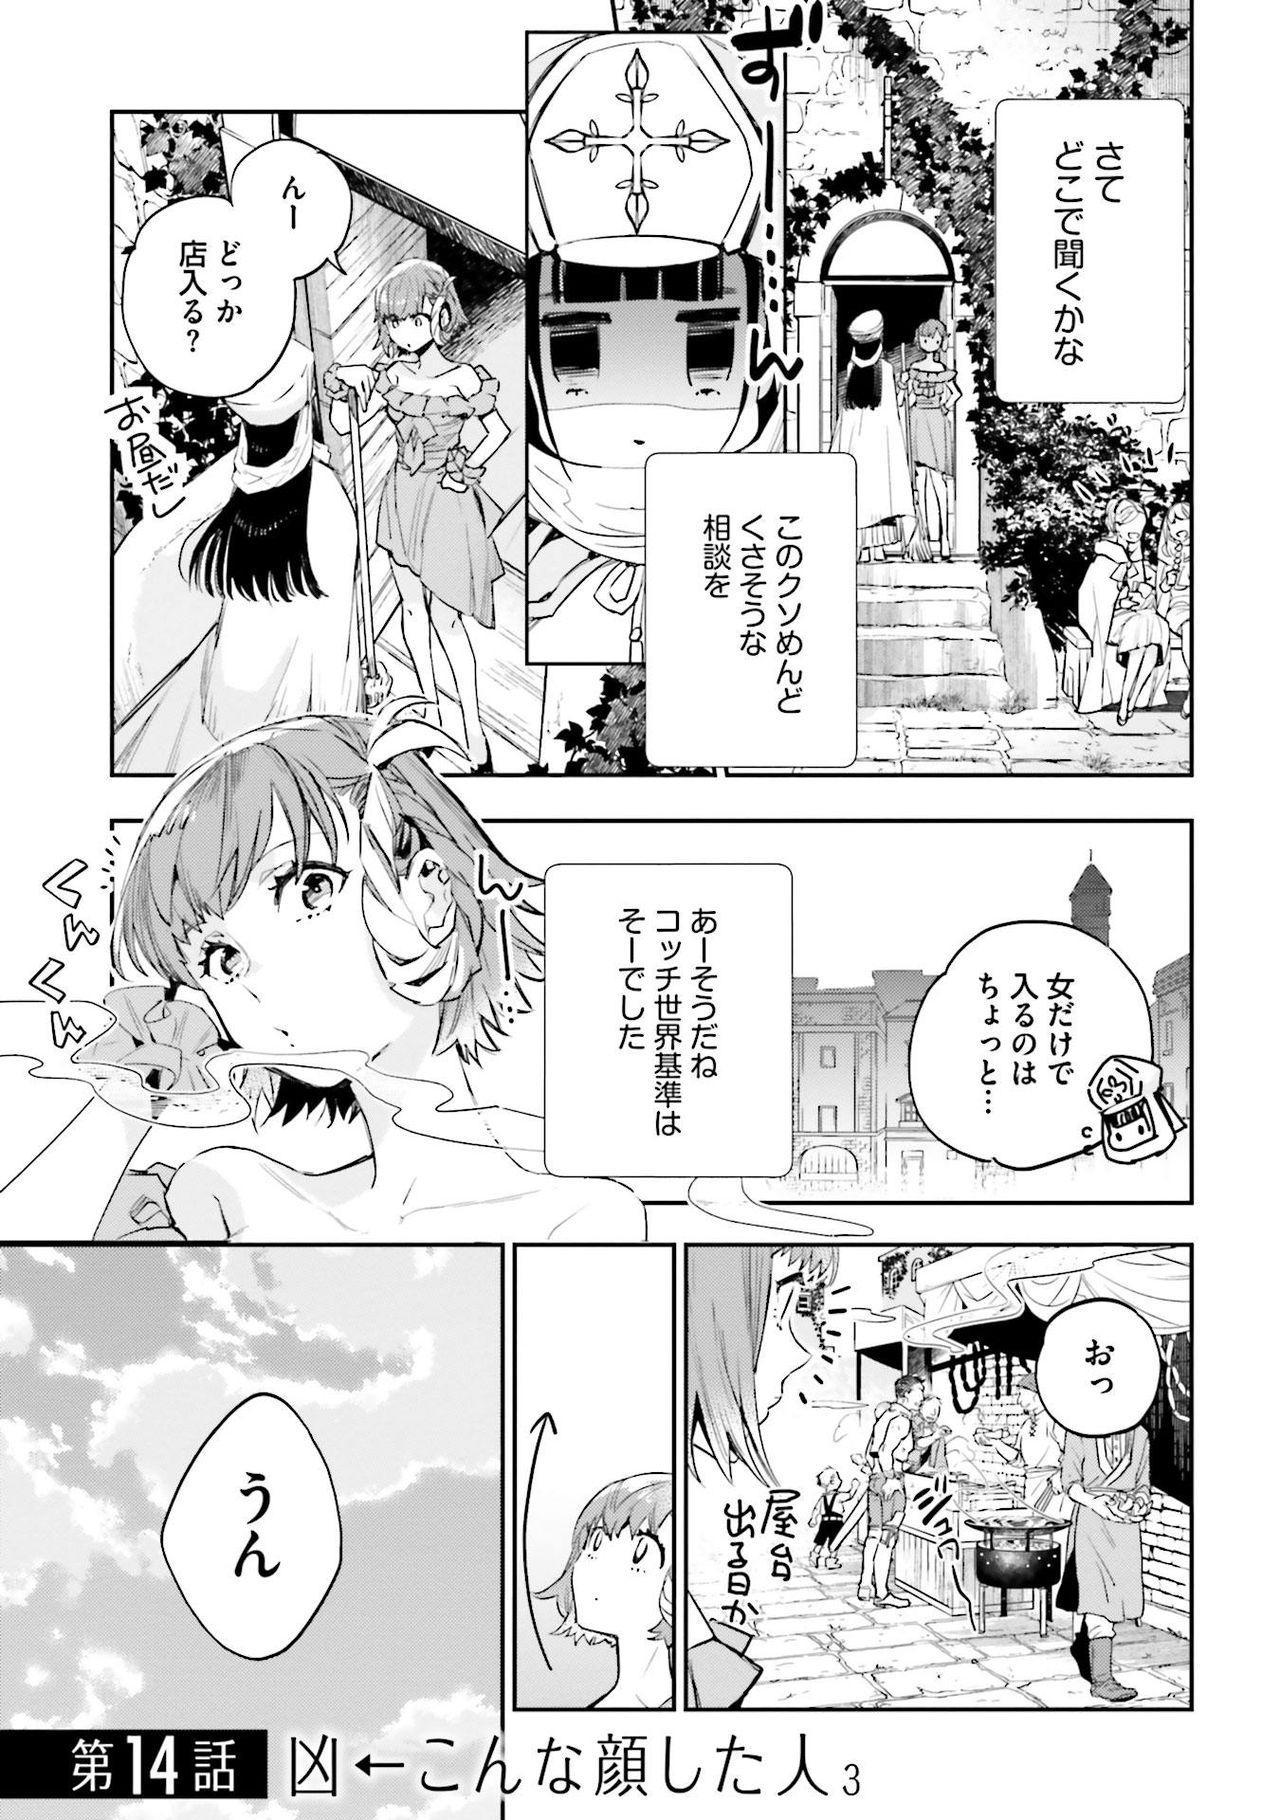 JK Haru wa Isekai de Shoufu ni Natta 1-14 500